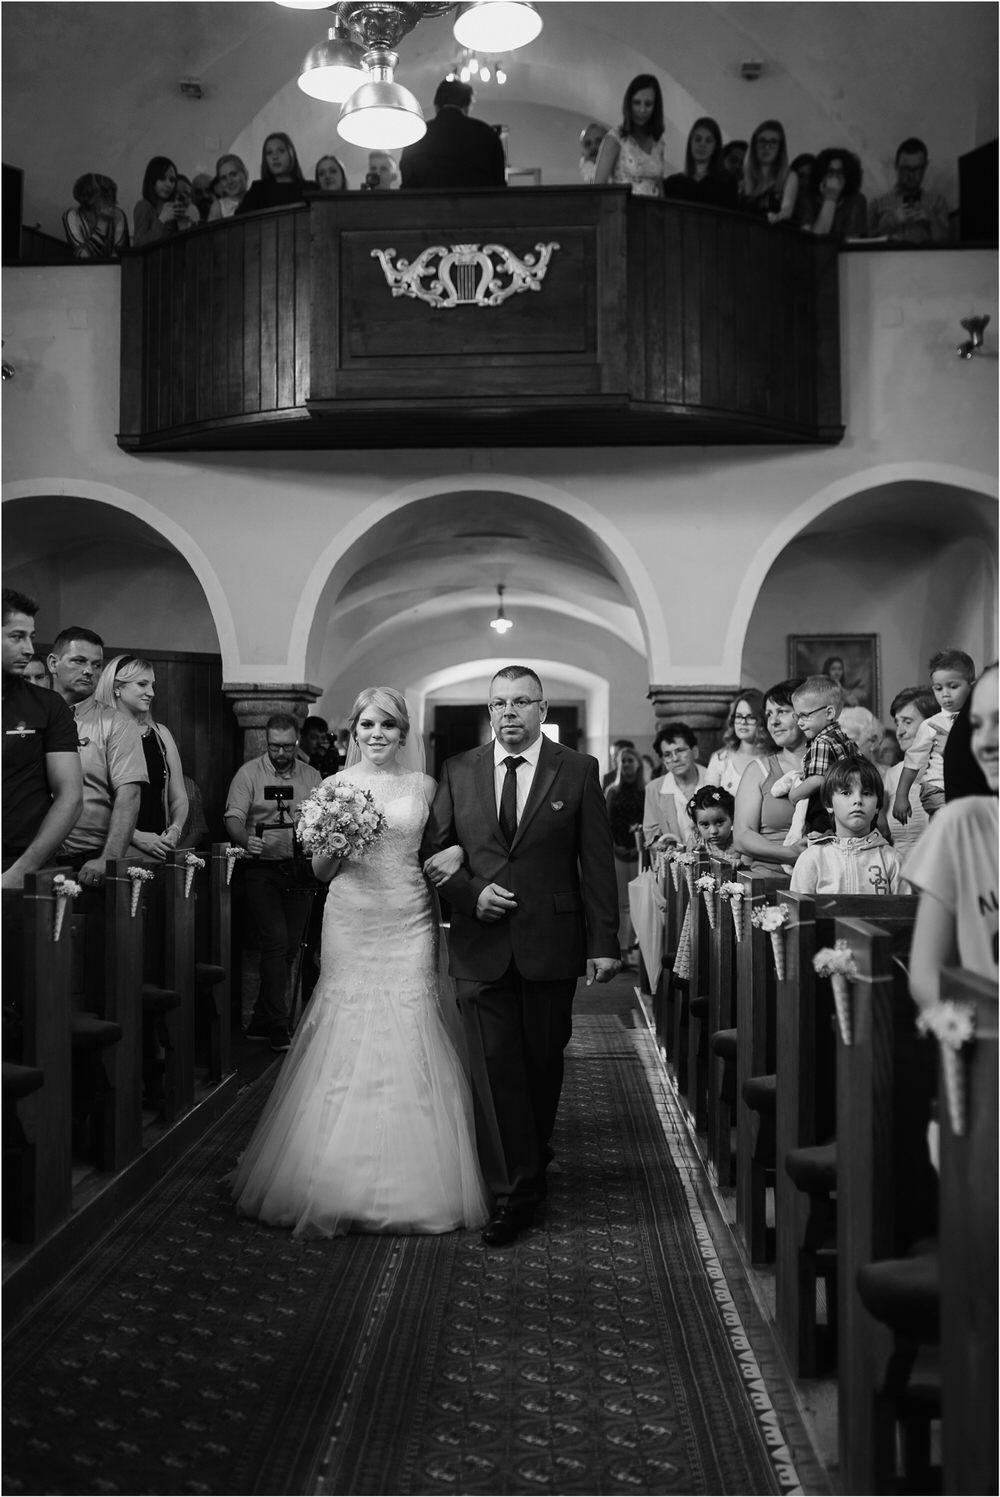 tuscany italy wedding photographer croatia austria france ireland lake bled engagement wedding porocni fotograf 0026.jpg